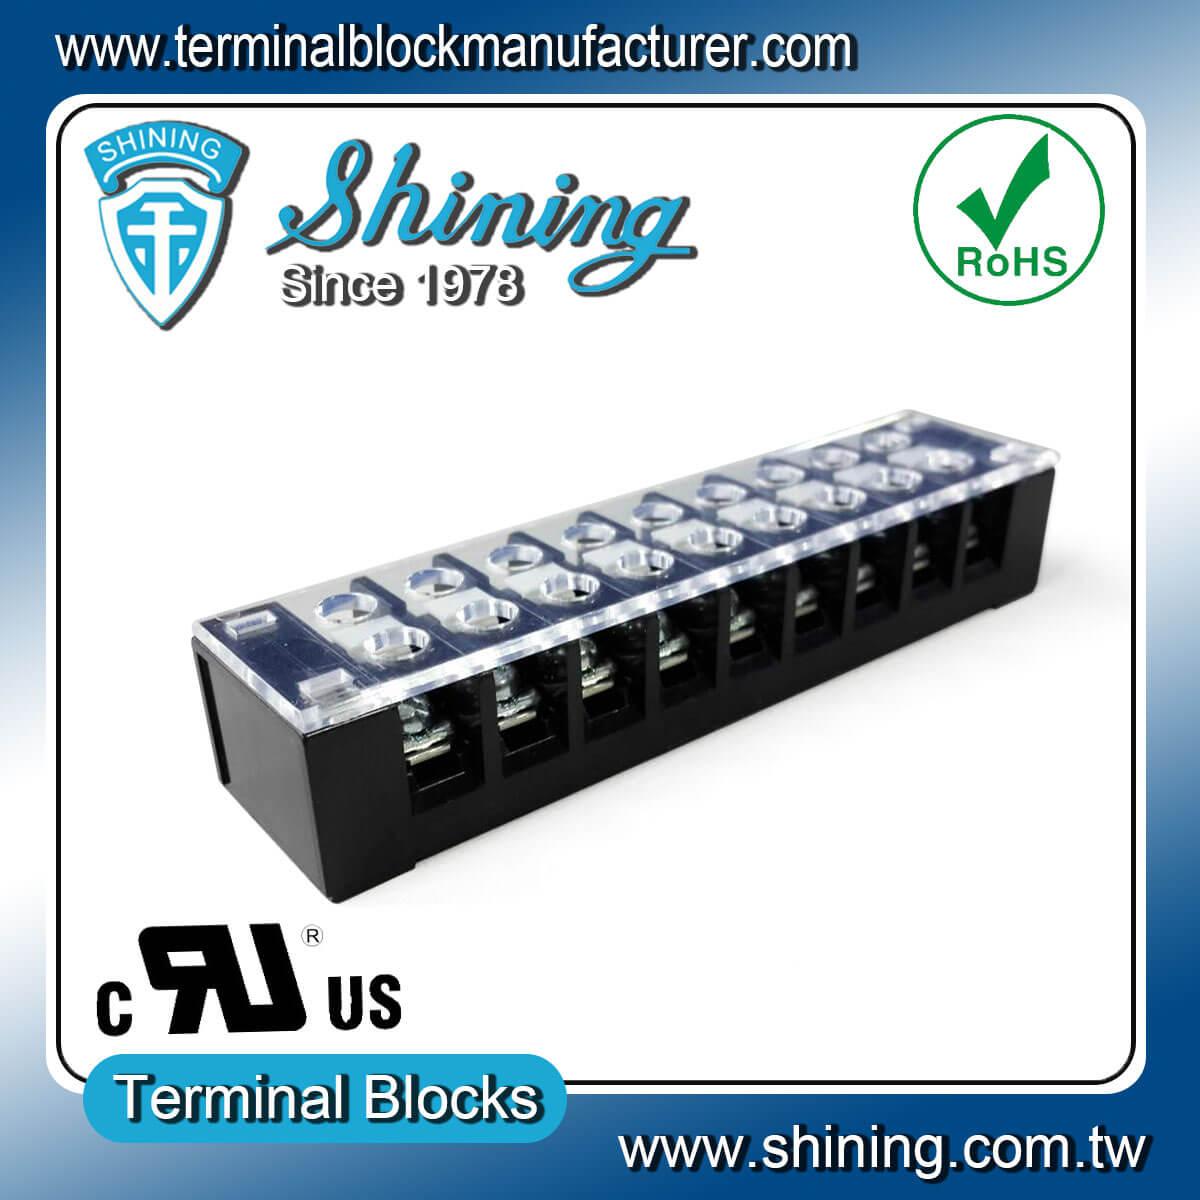 TB-32509CP 300V 25A 9Pole固定式柵欄端子台